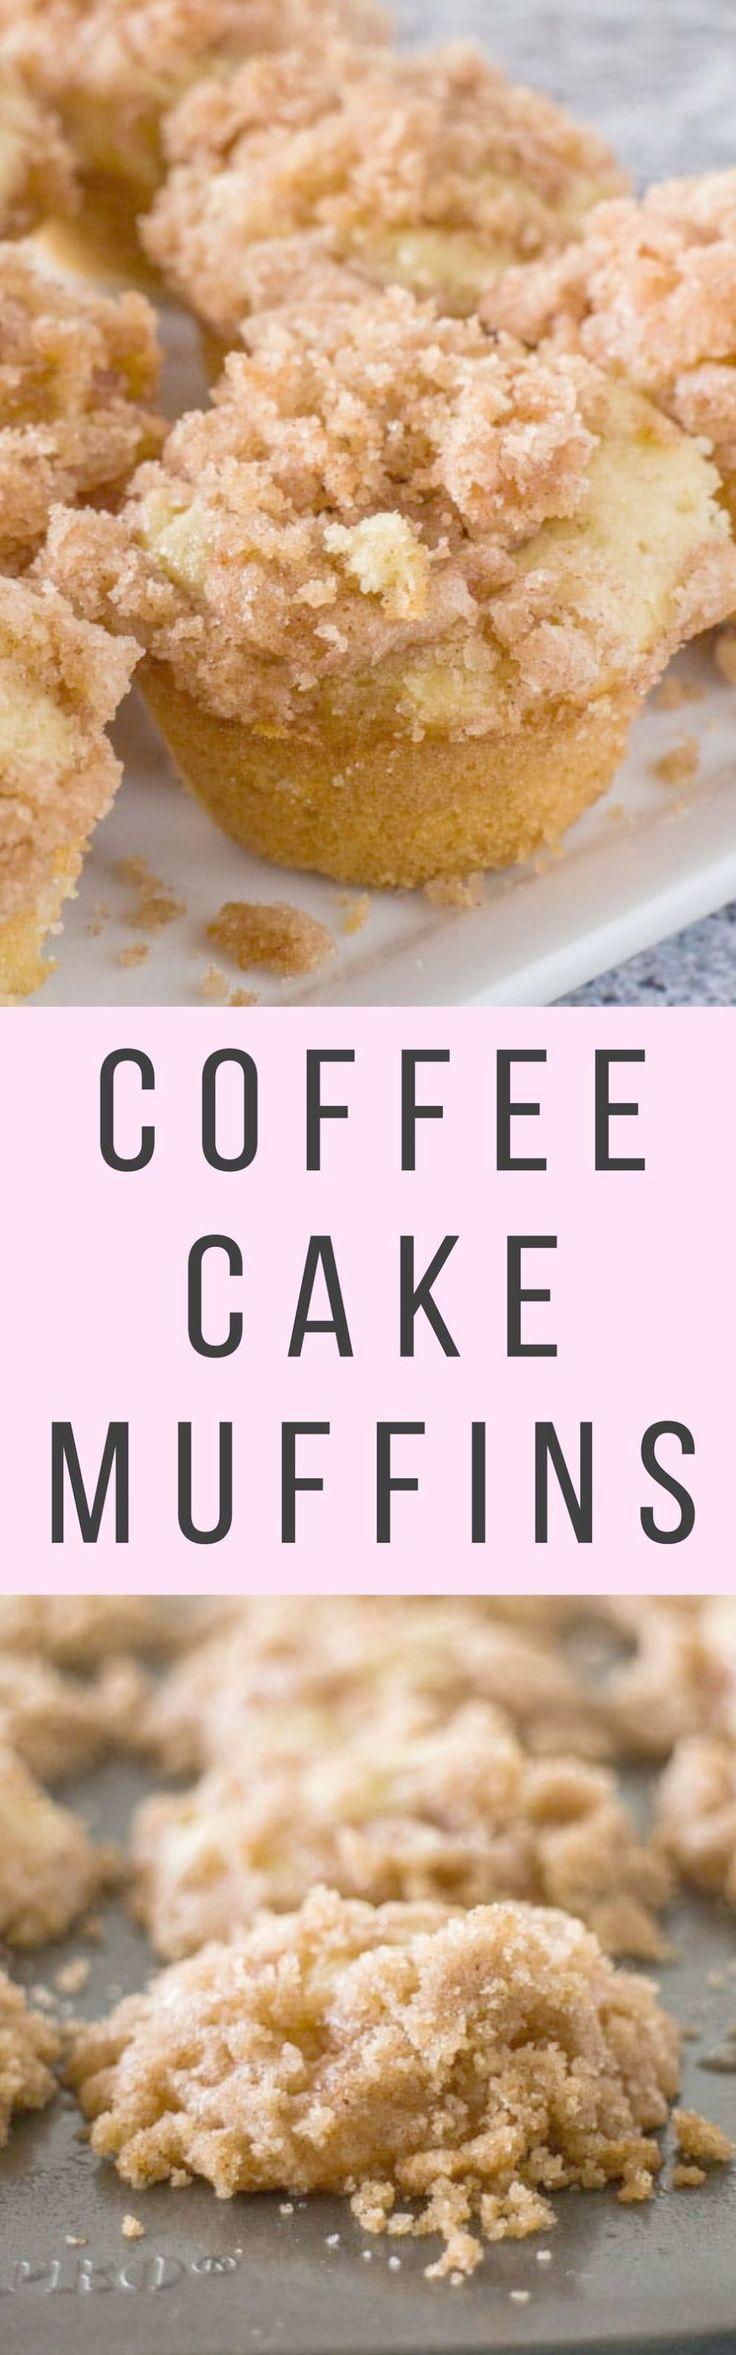 Kaffeemaschine Minecraft Mit Kaffee In Meiner Nahe Phoenix Kaffee Einlauf In Der Nacht Cake Kaffee Und Kuchen Dessert Ideen Muffin Rezept